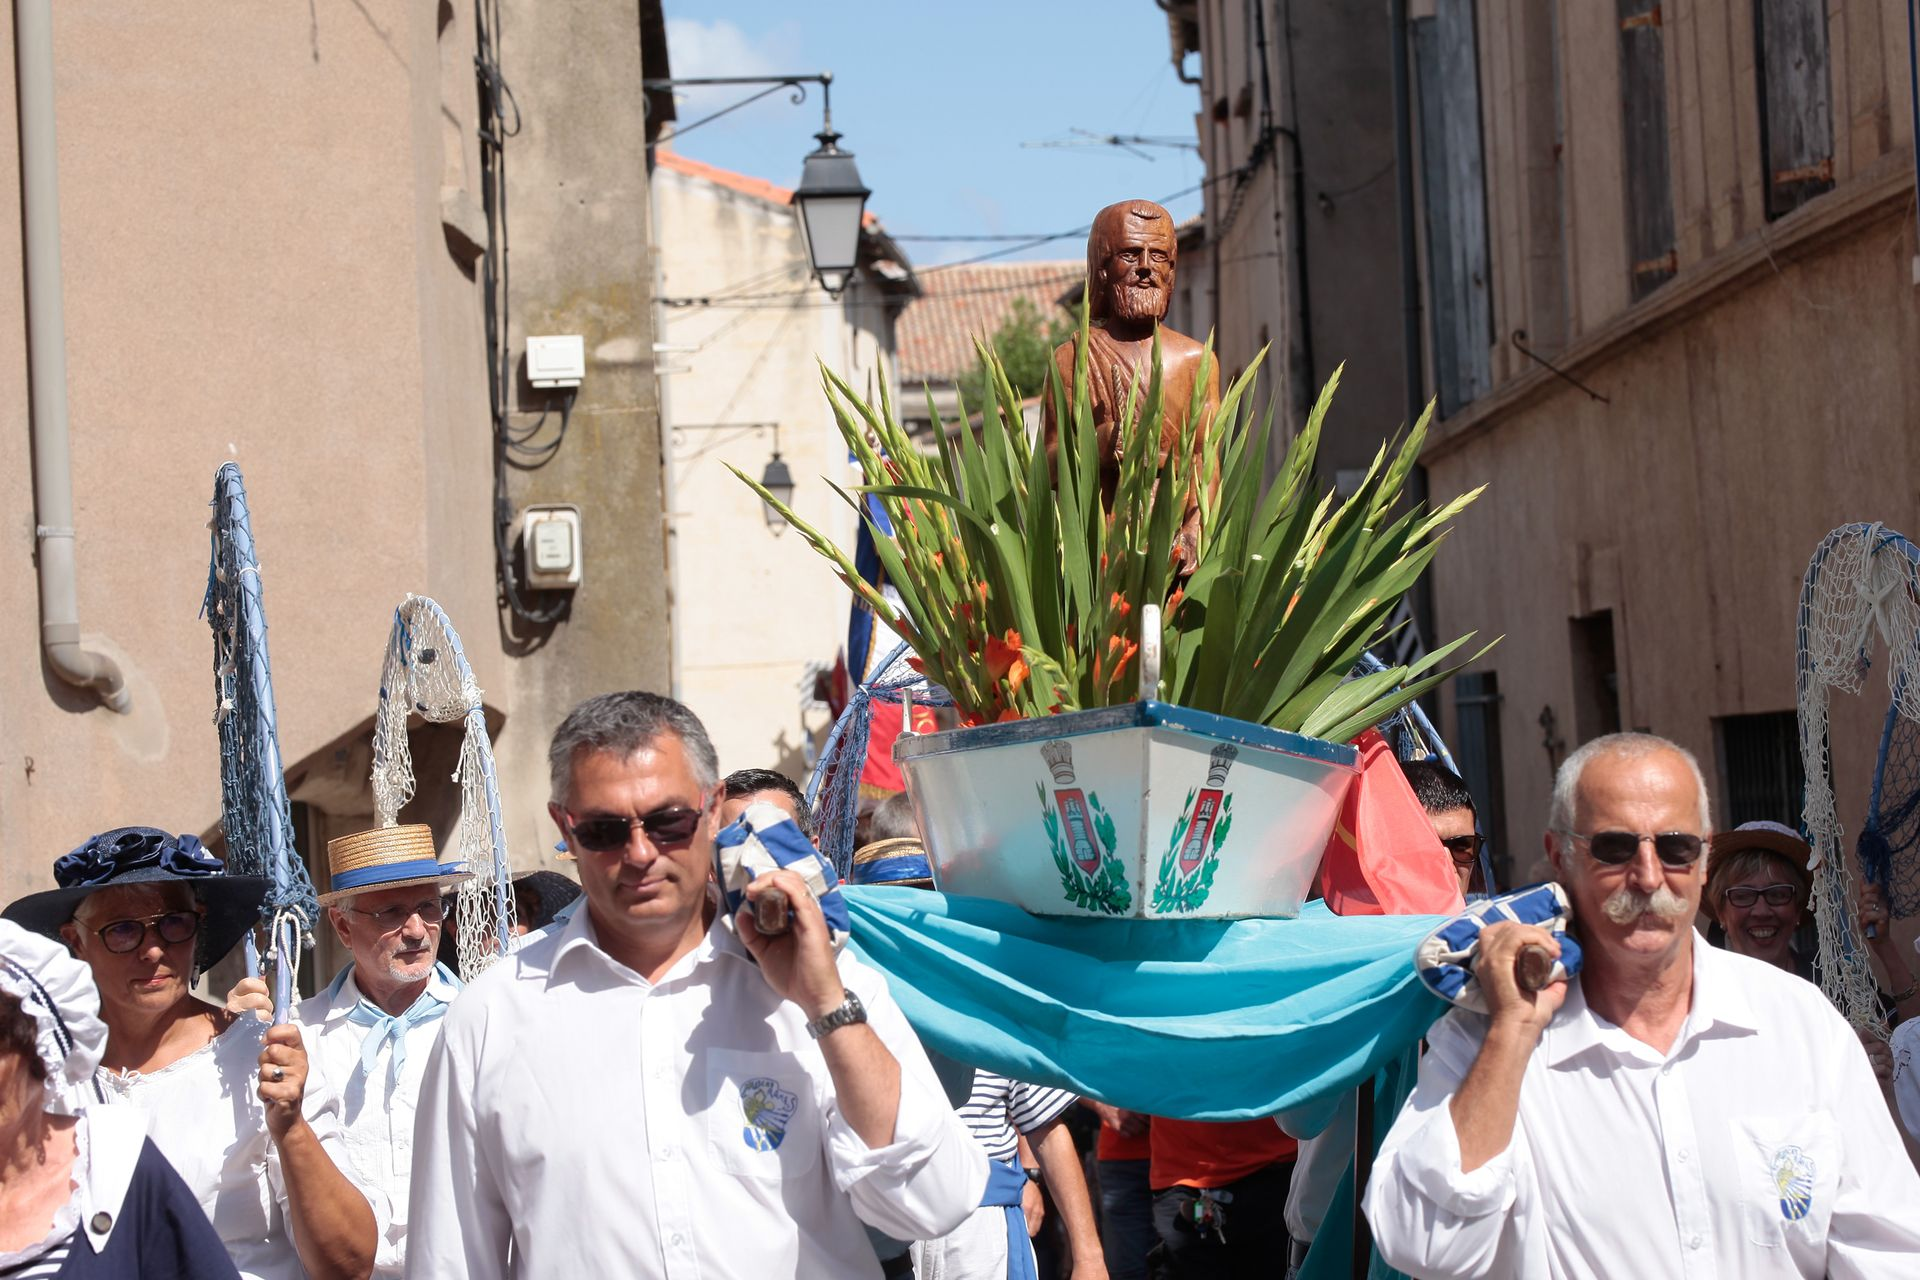 Procession à la Fête de la mer à Frontignan - jeuniors qui portent une barque avec la statue de Saint-Pierre